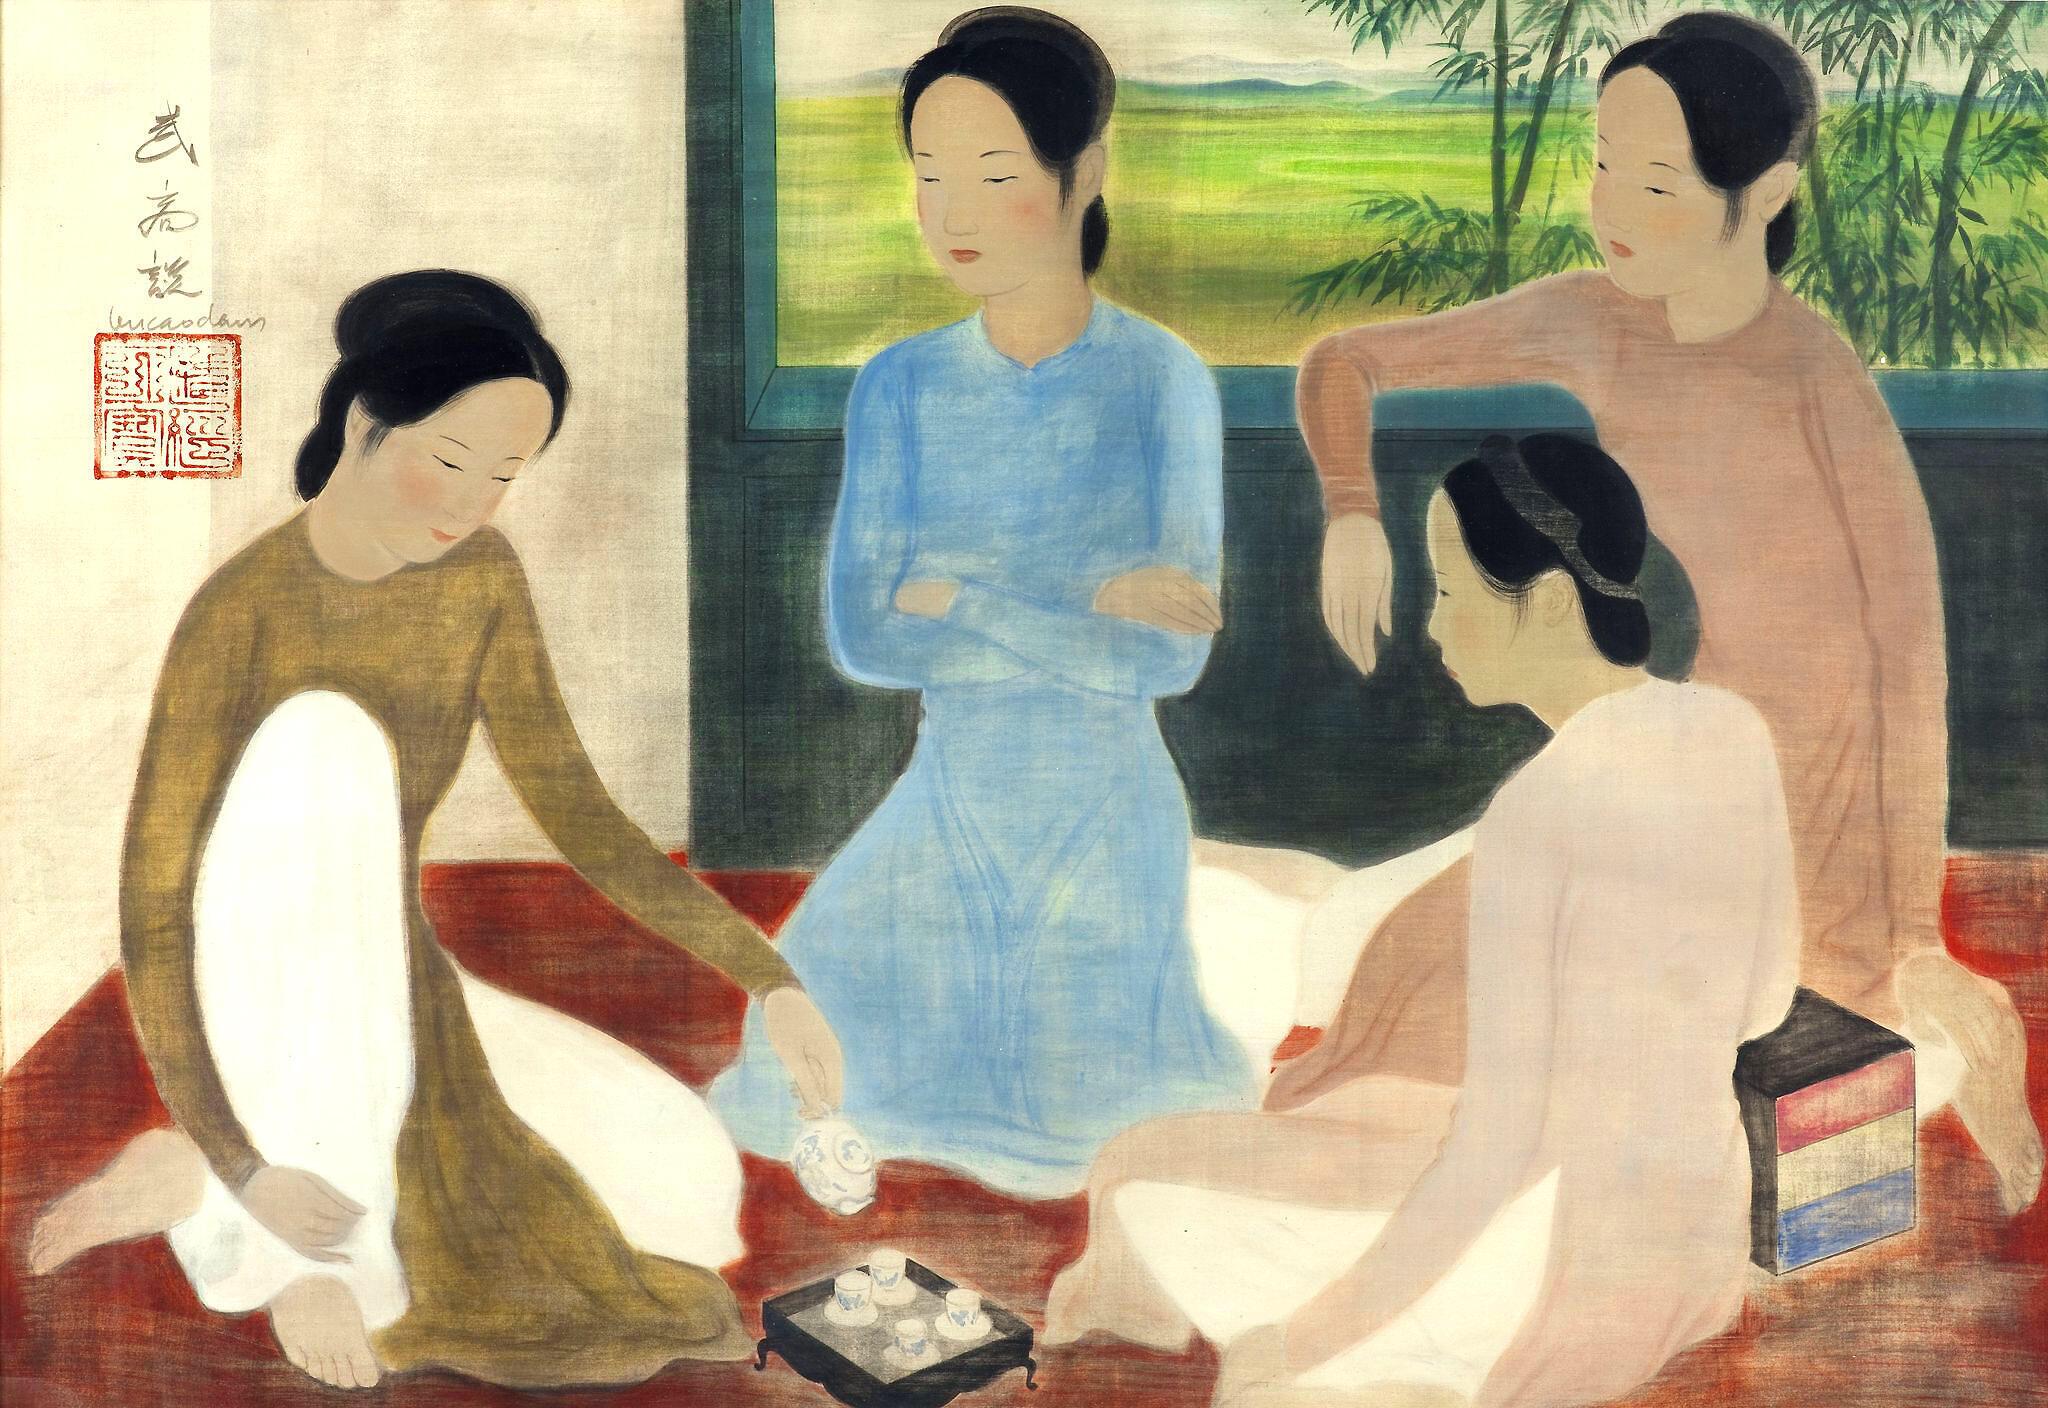 Thiếu nữ uống trà, bức tranh lụa được họa sĩ Vũ Cao Đàm vẽ vào khoảng 1935 (Bộ sưu tập tư nhân) DR